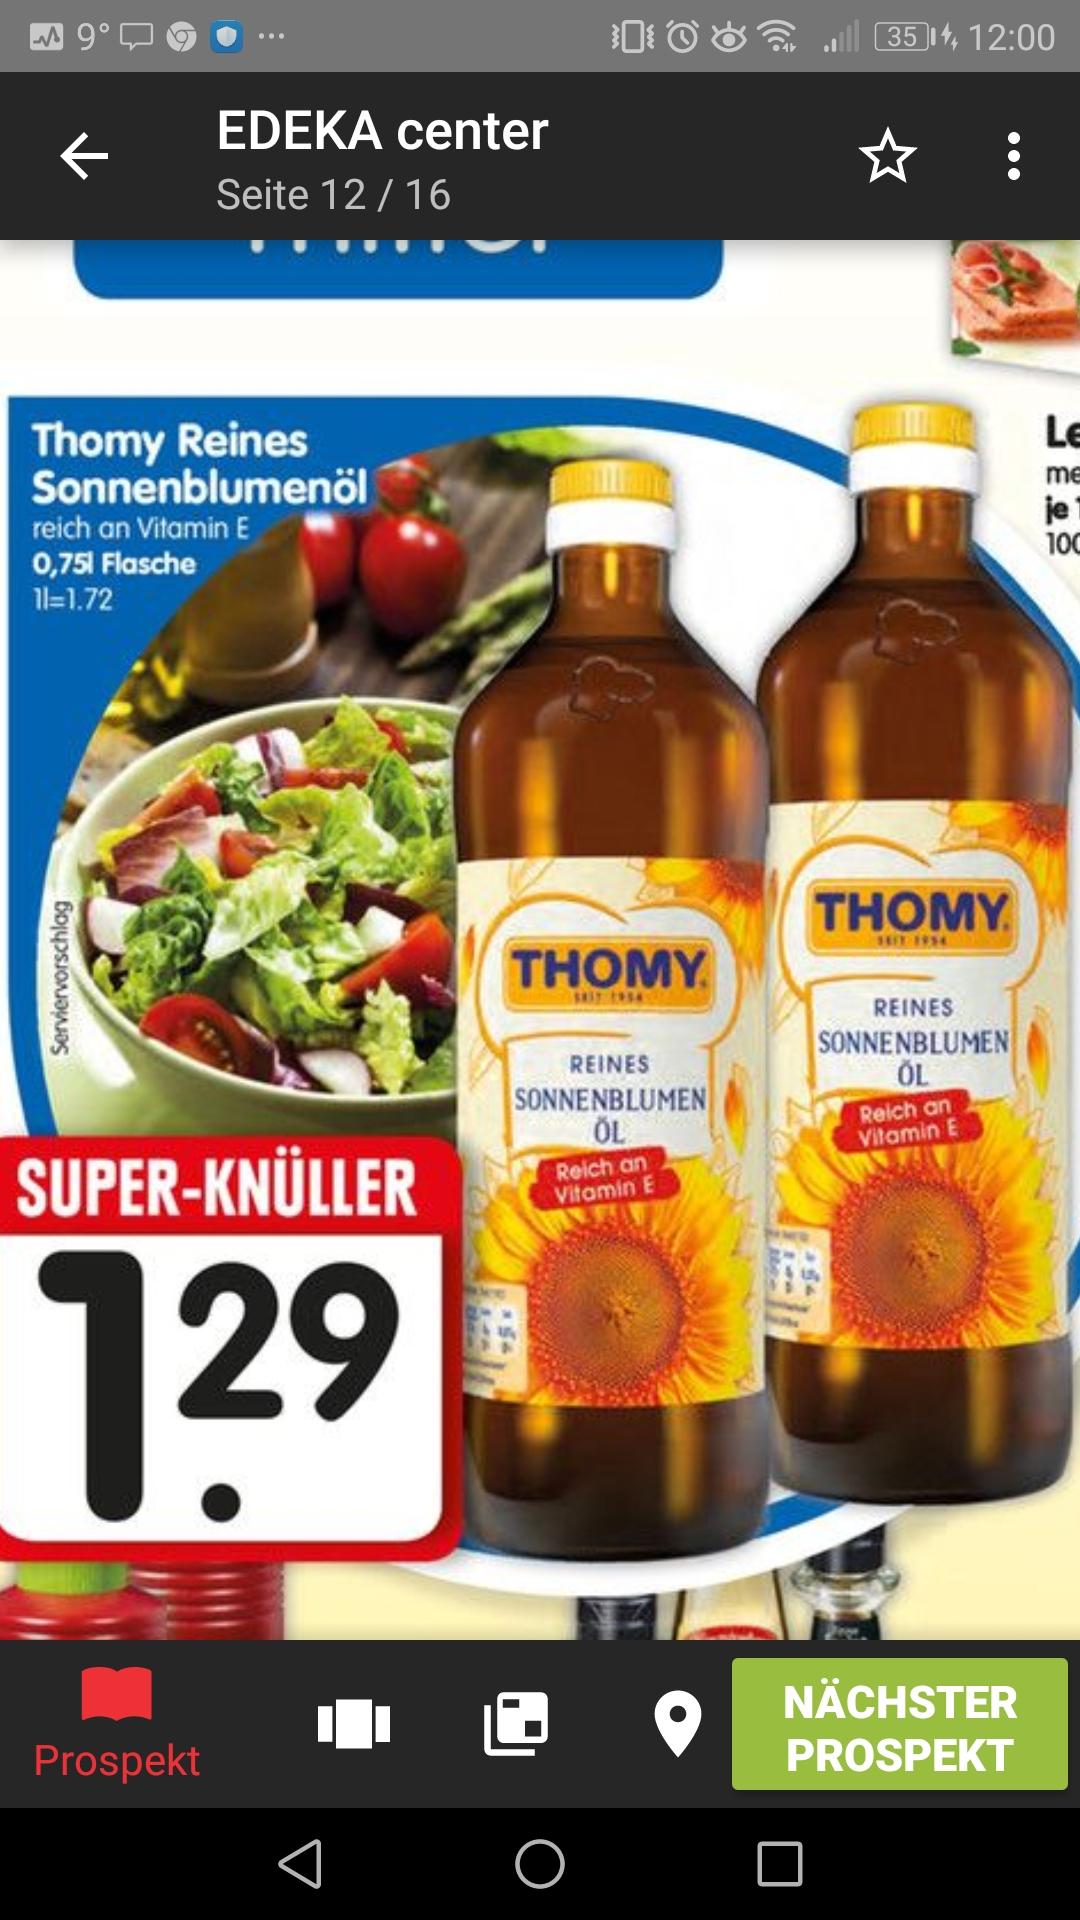 [Edeka bundesweit] 3x Thomy 0,75l Sonnenblumenöl für 2,87€ (Angebot plus coupon)